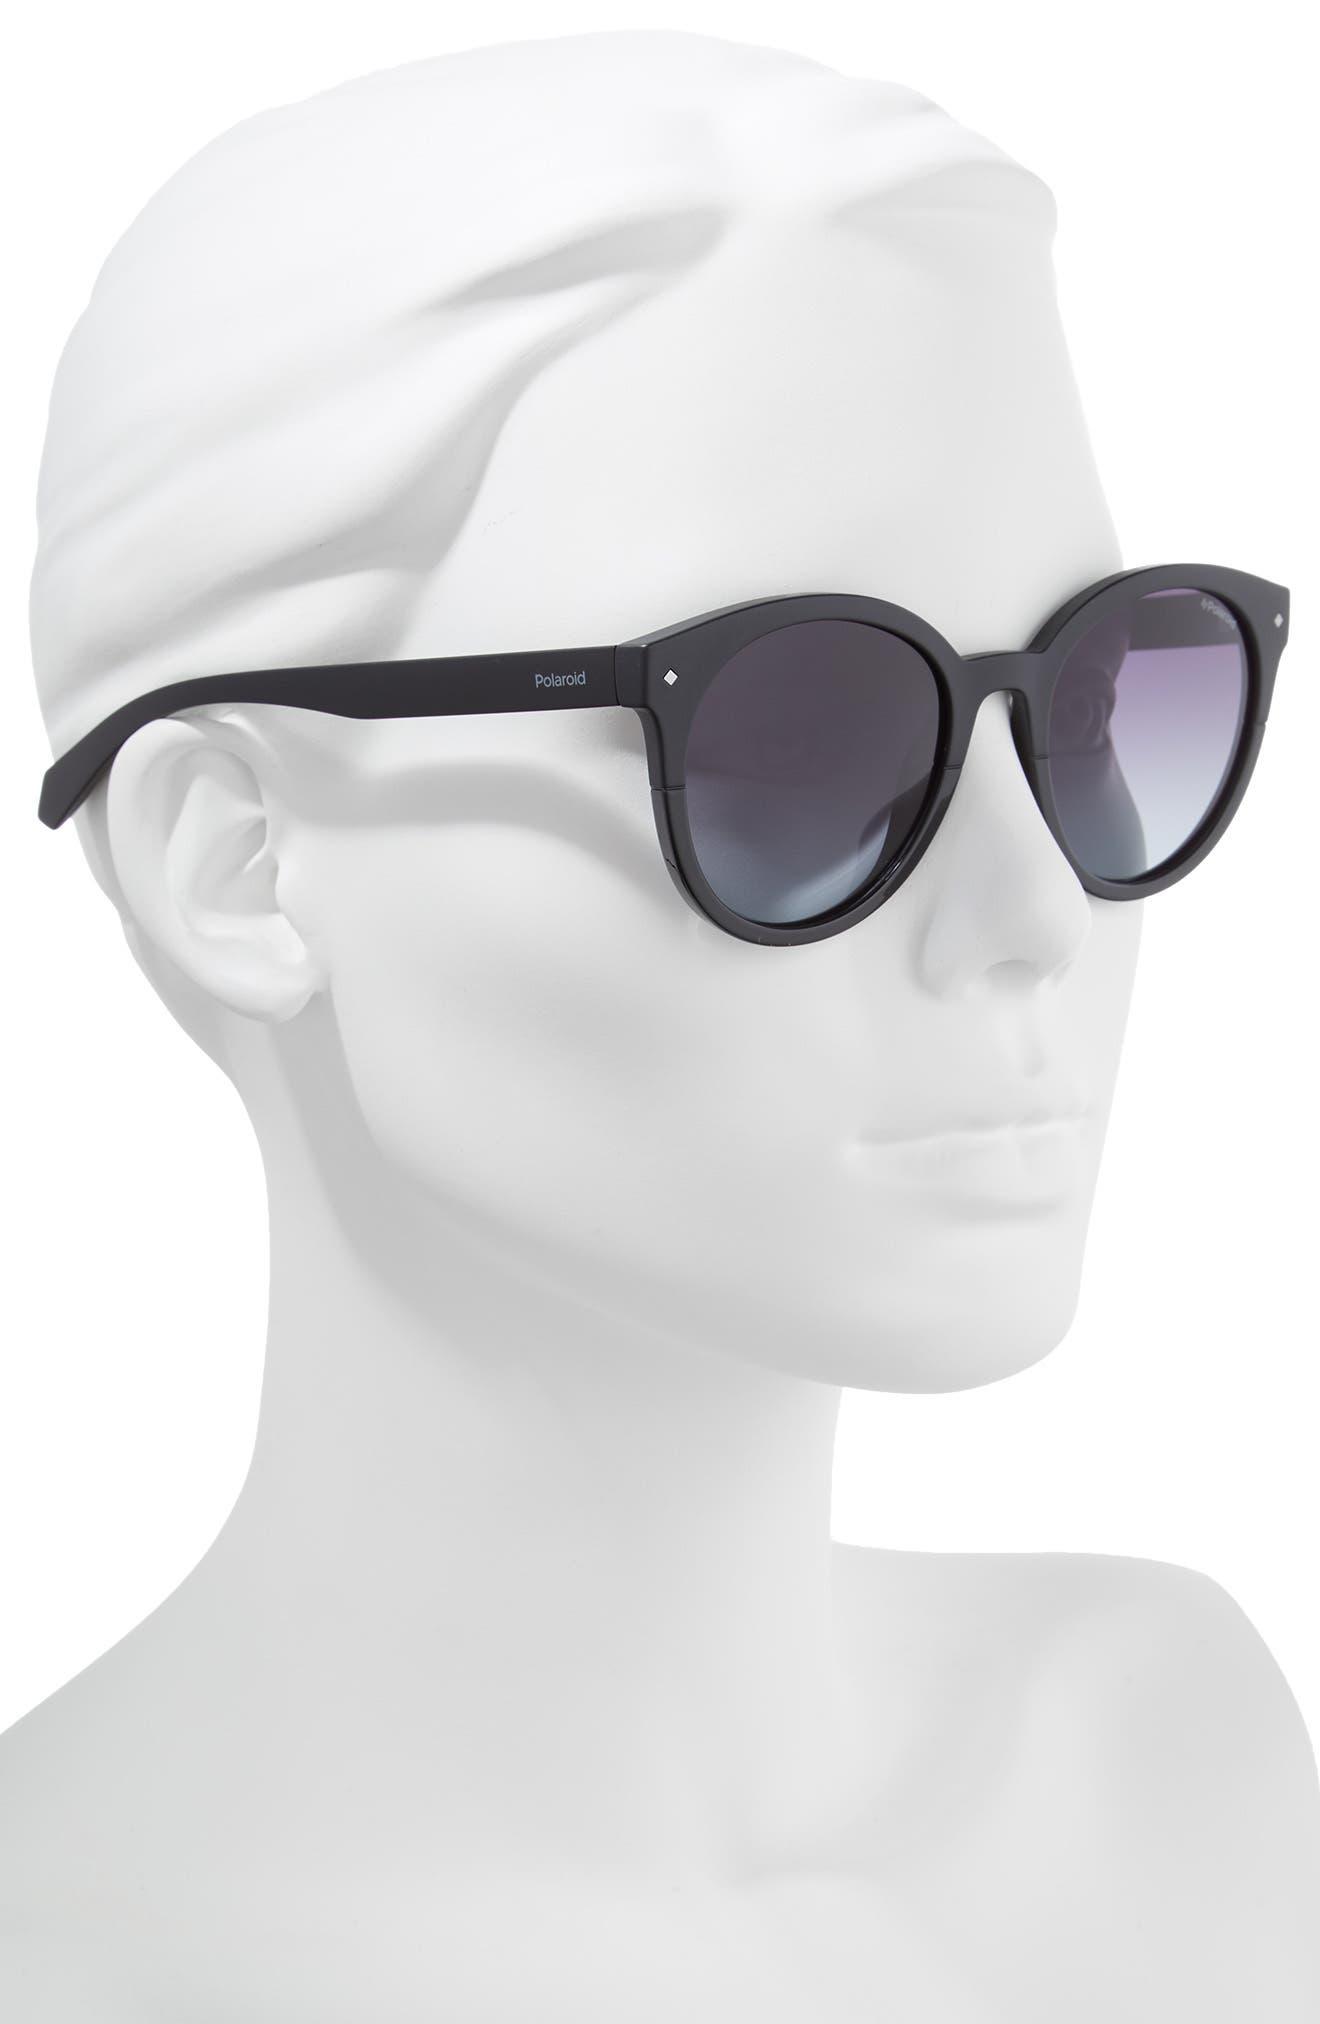 Basic 51mm Polarized Sunglasses,                             Alternate thumbnail 2, color,                             Black